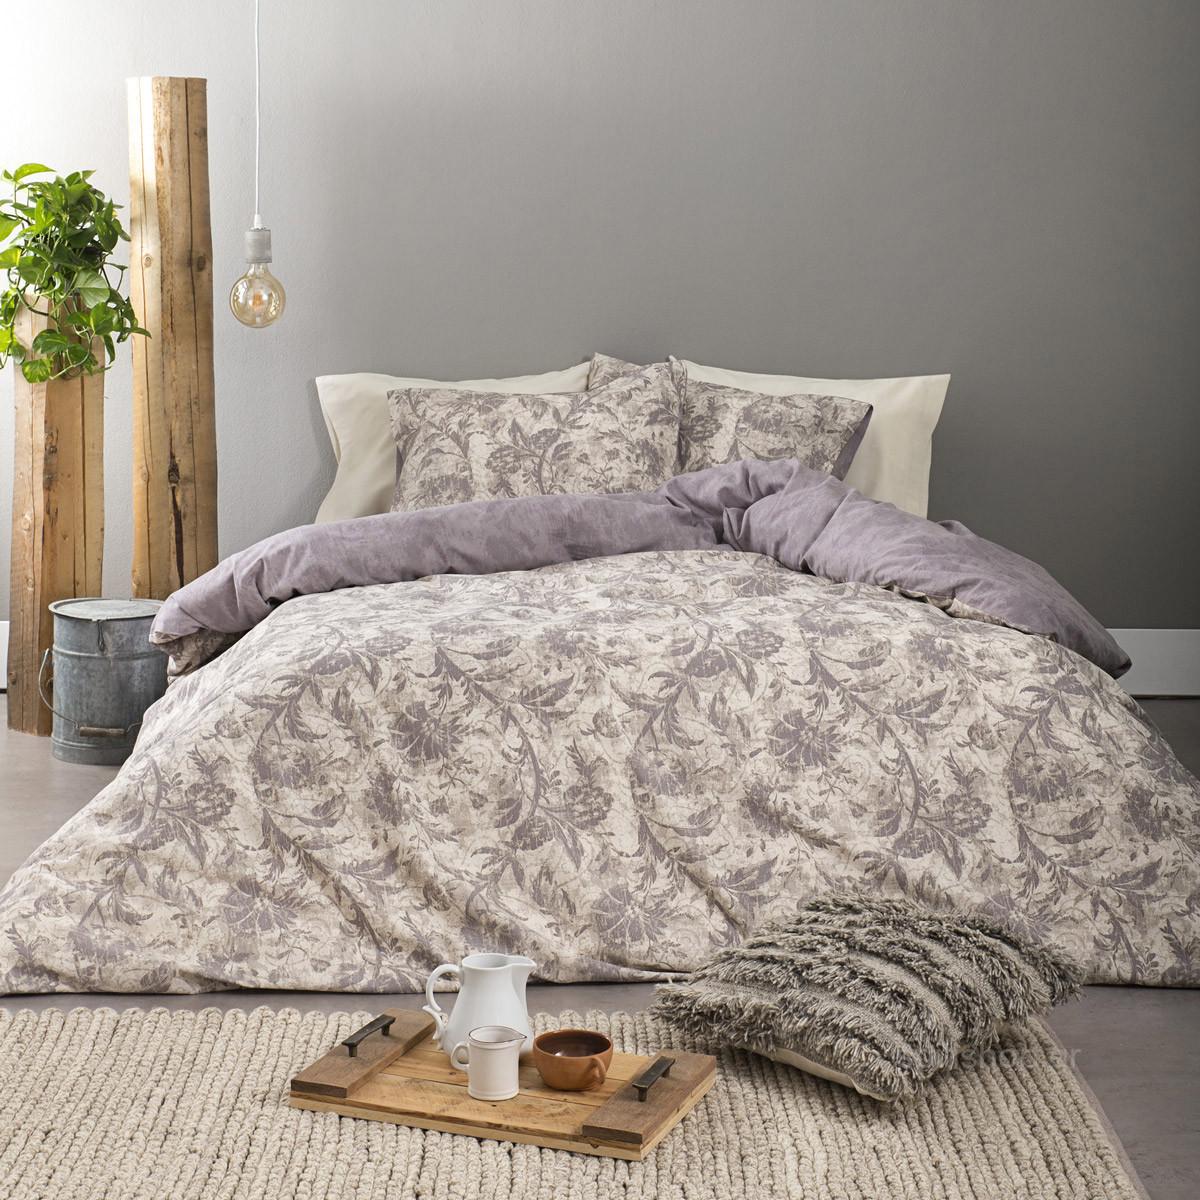 Φανελένια Σεντόνια King Size (Σετ) Nima Bed Linen Narkissos